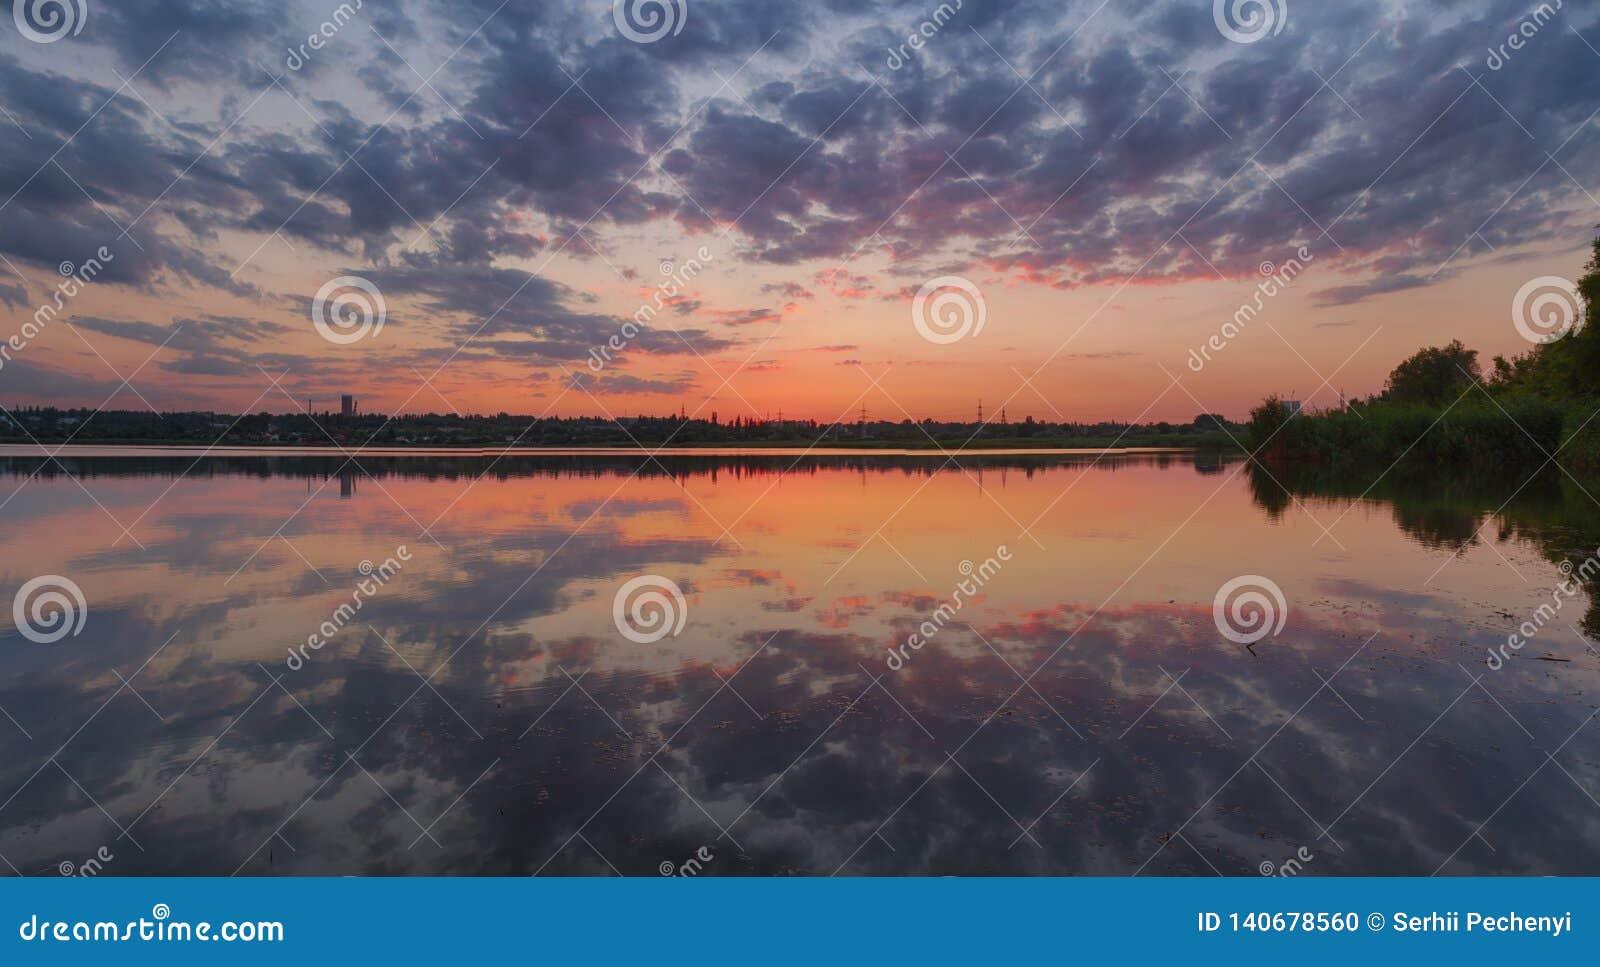 Paysage ukrainien de coucher du soleil d été avec le ciel nuageux reflété par l eau immobile